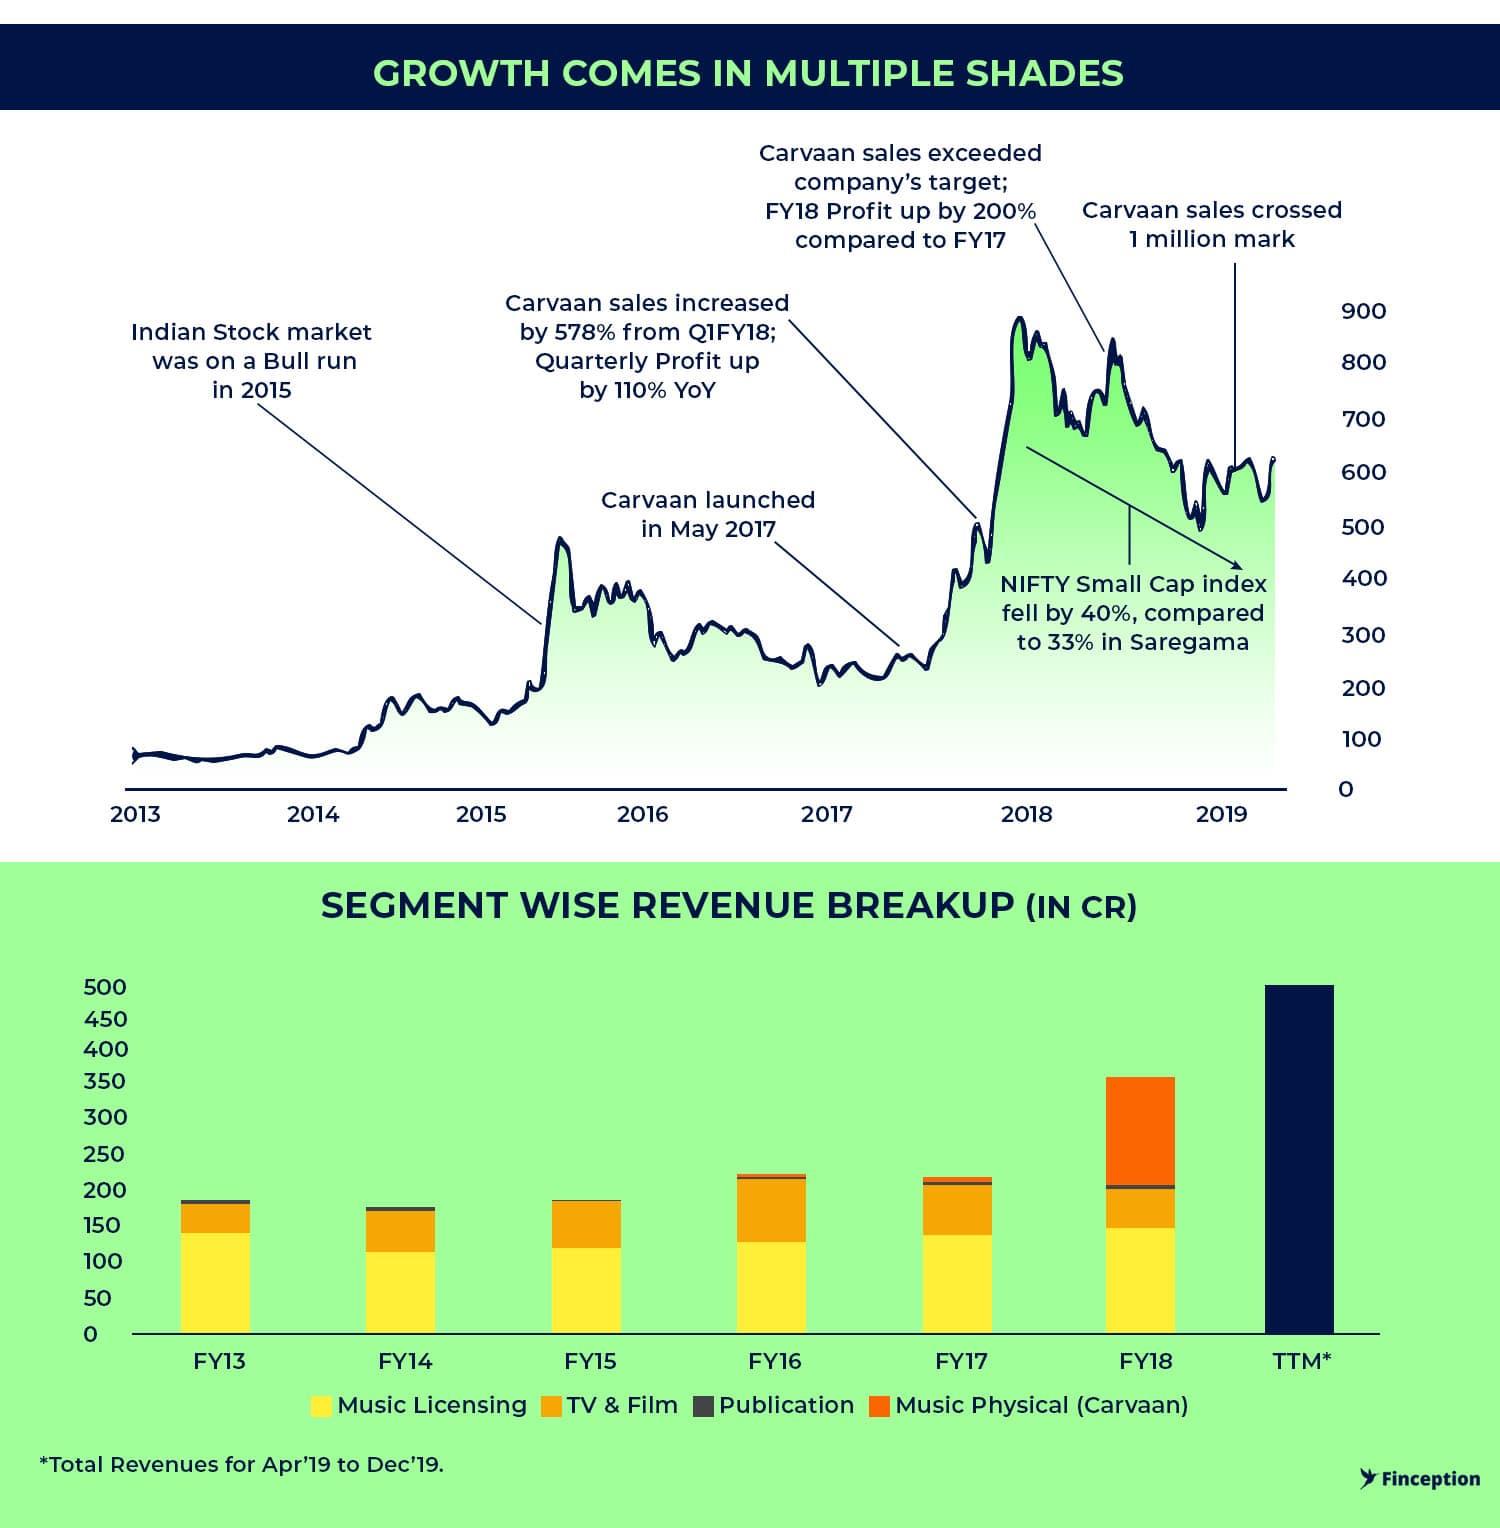 Saregama Segment wise Revenue and Share price